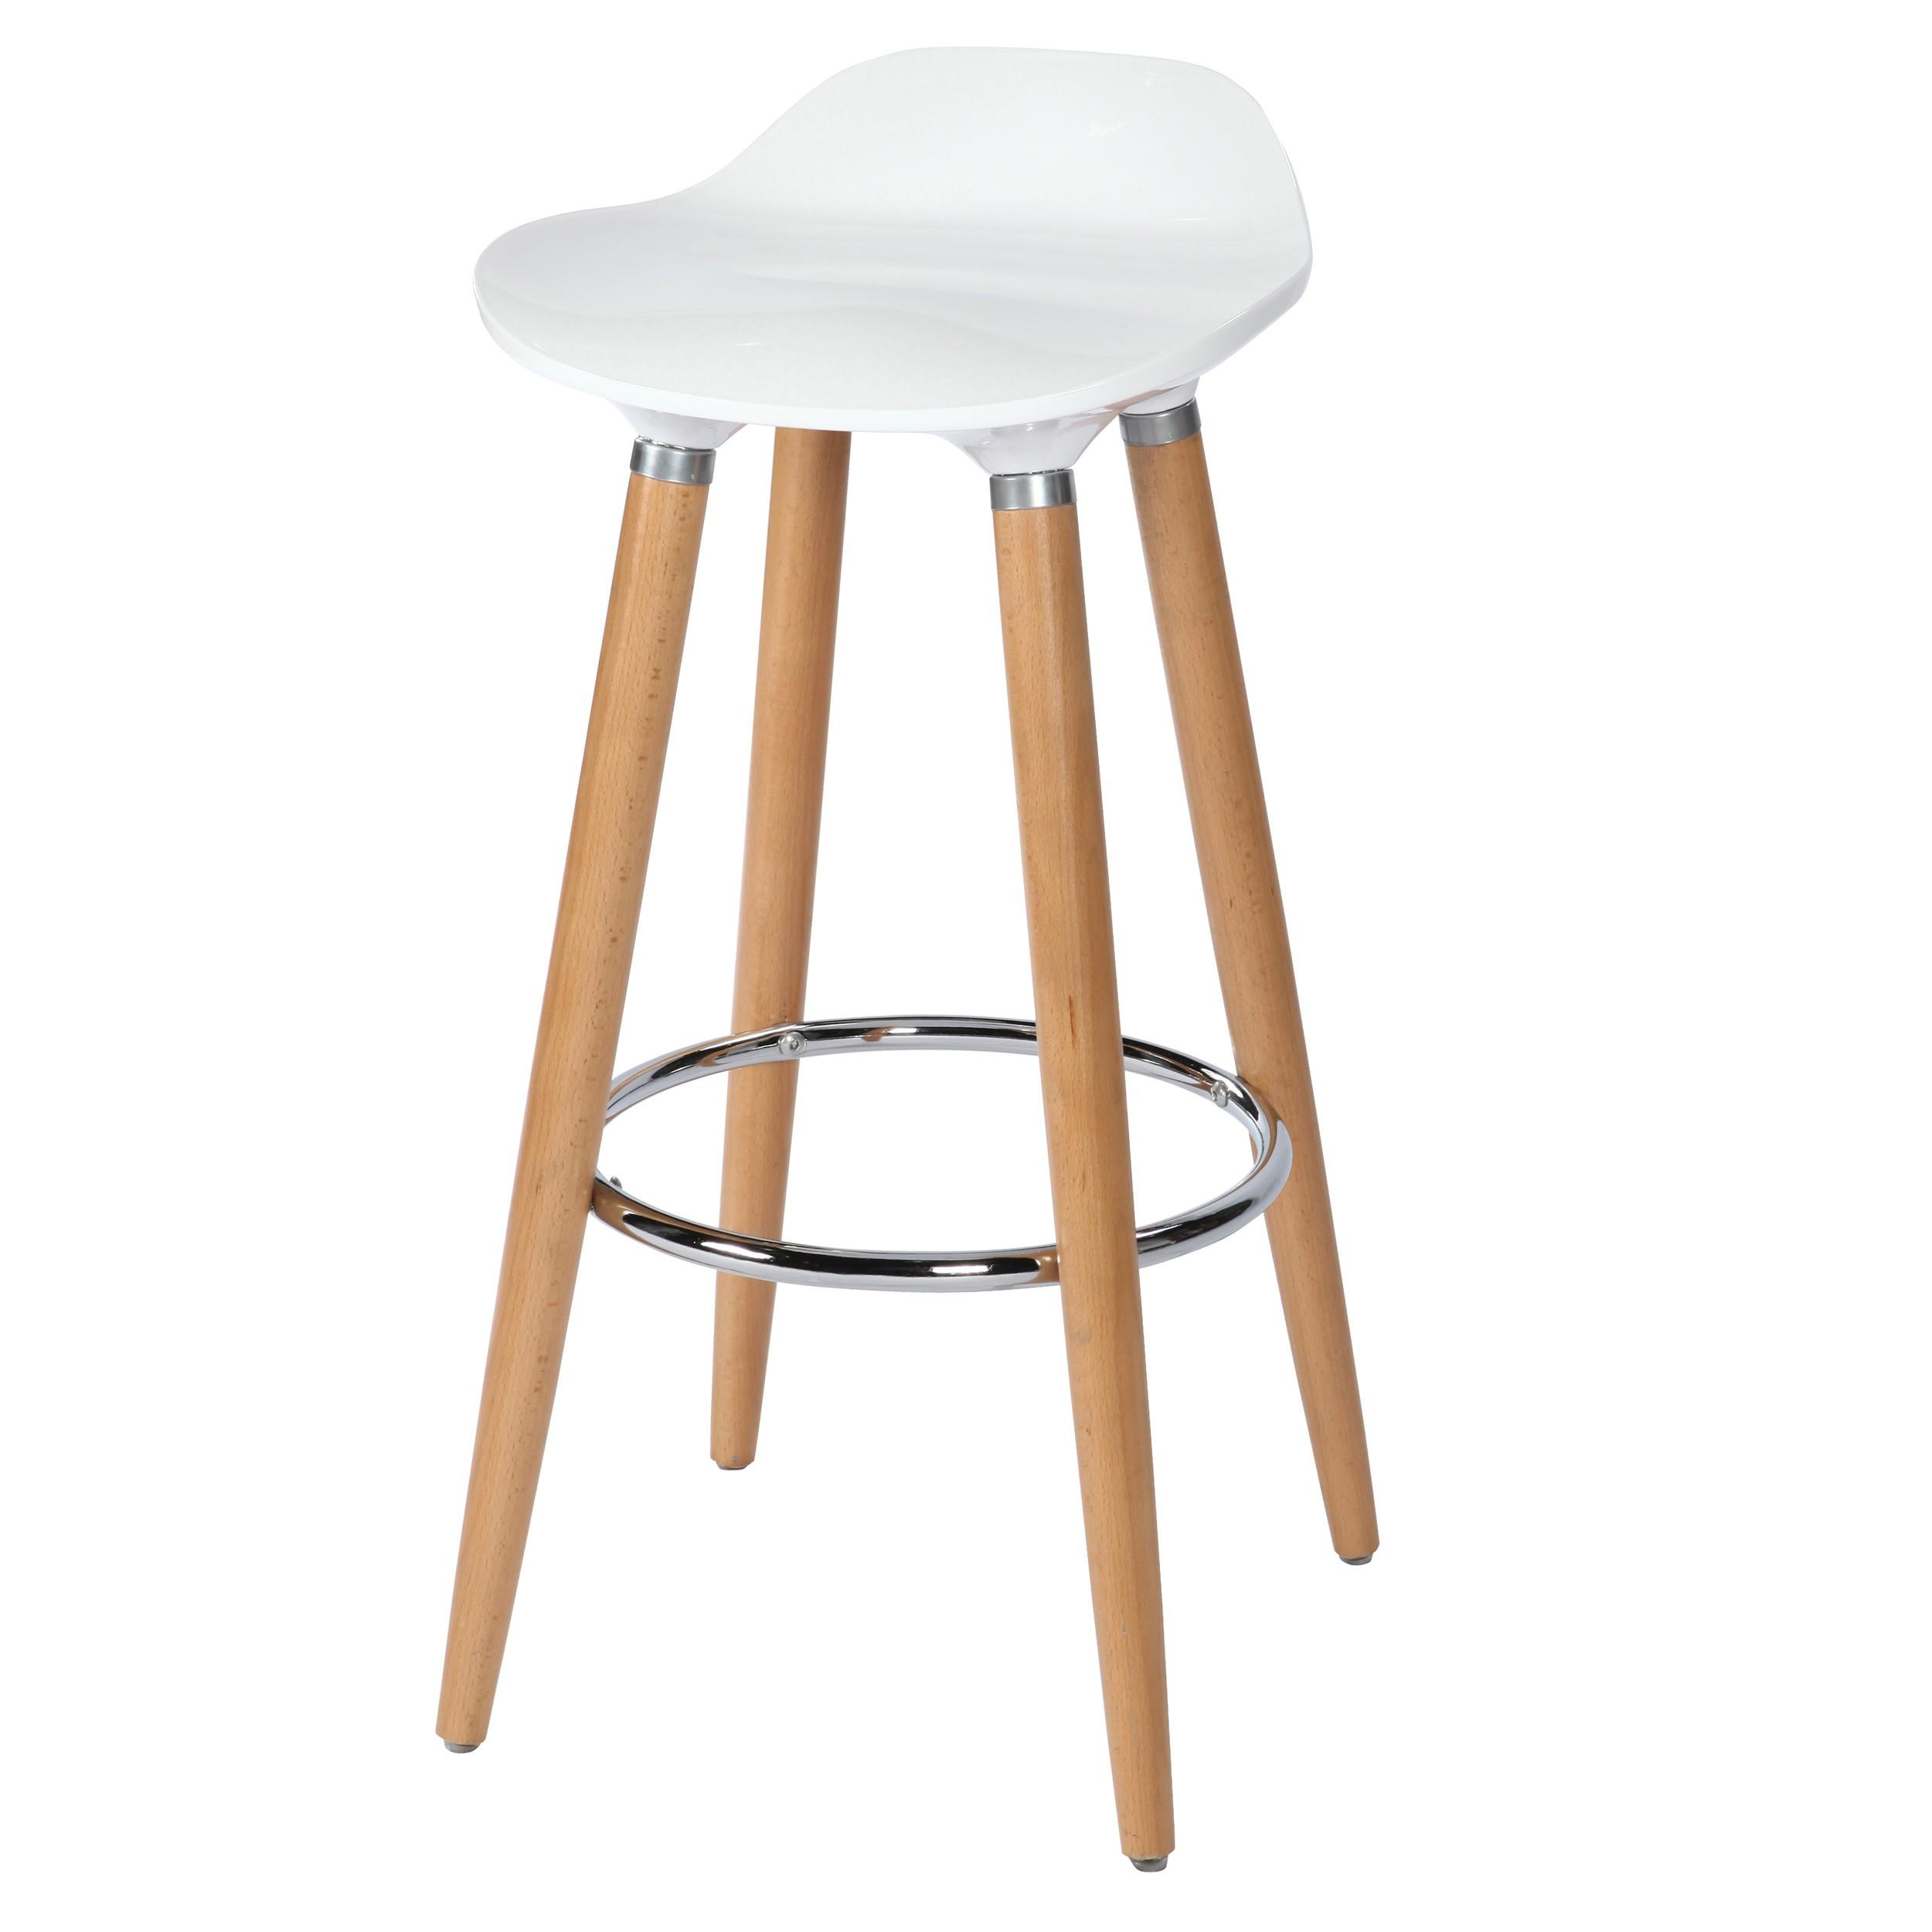 tabouret de bar italien blanc achetez nos tabourets de bar italiens blancs rdv d co. Black Bedroom Furniture Sets. Home Design Ideas